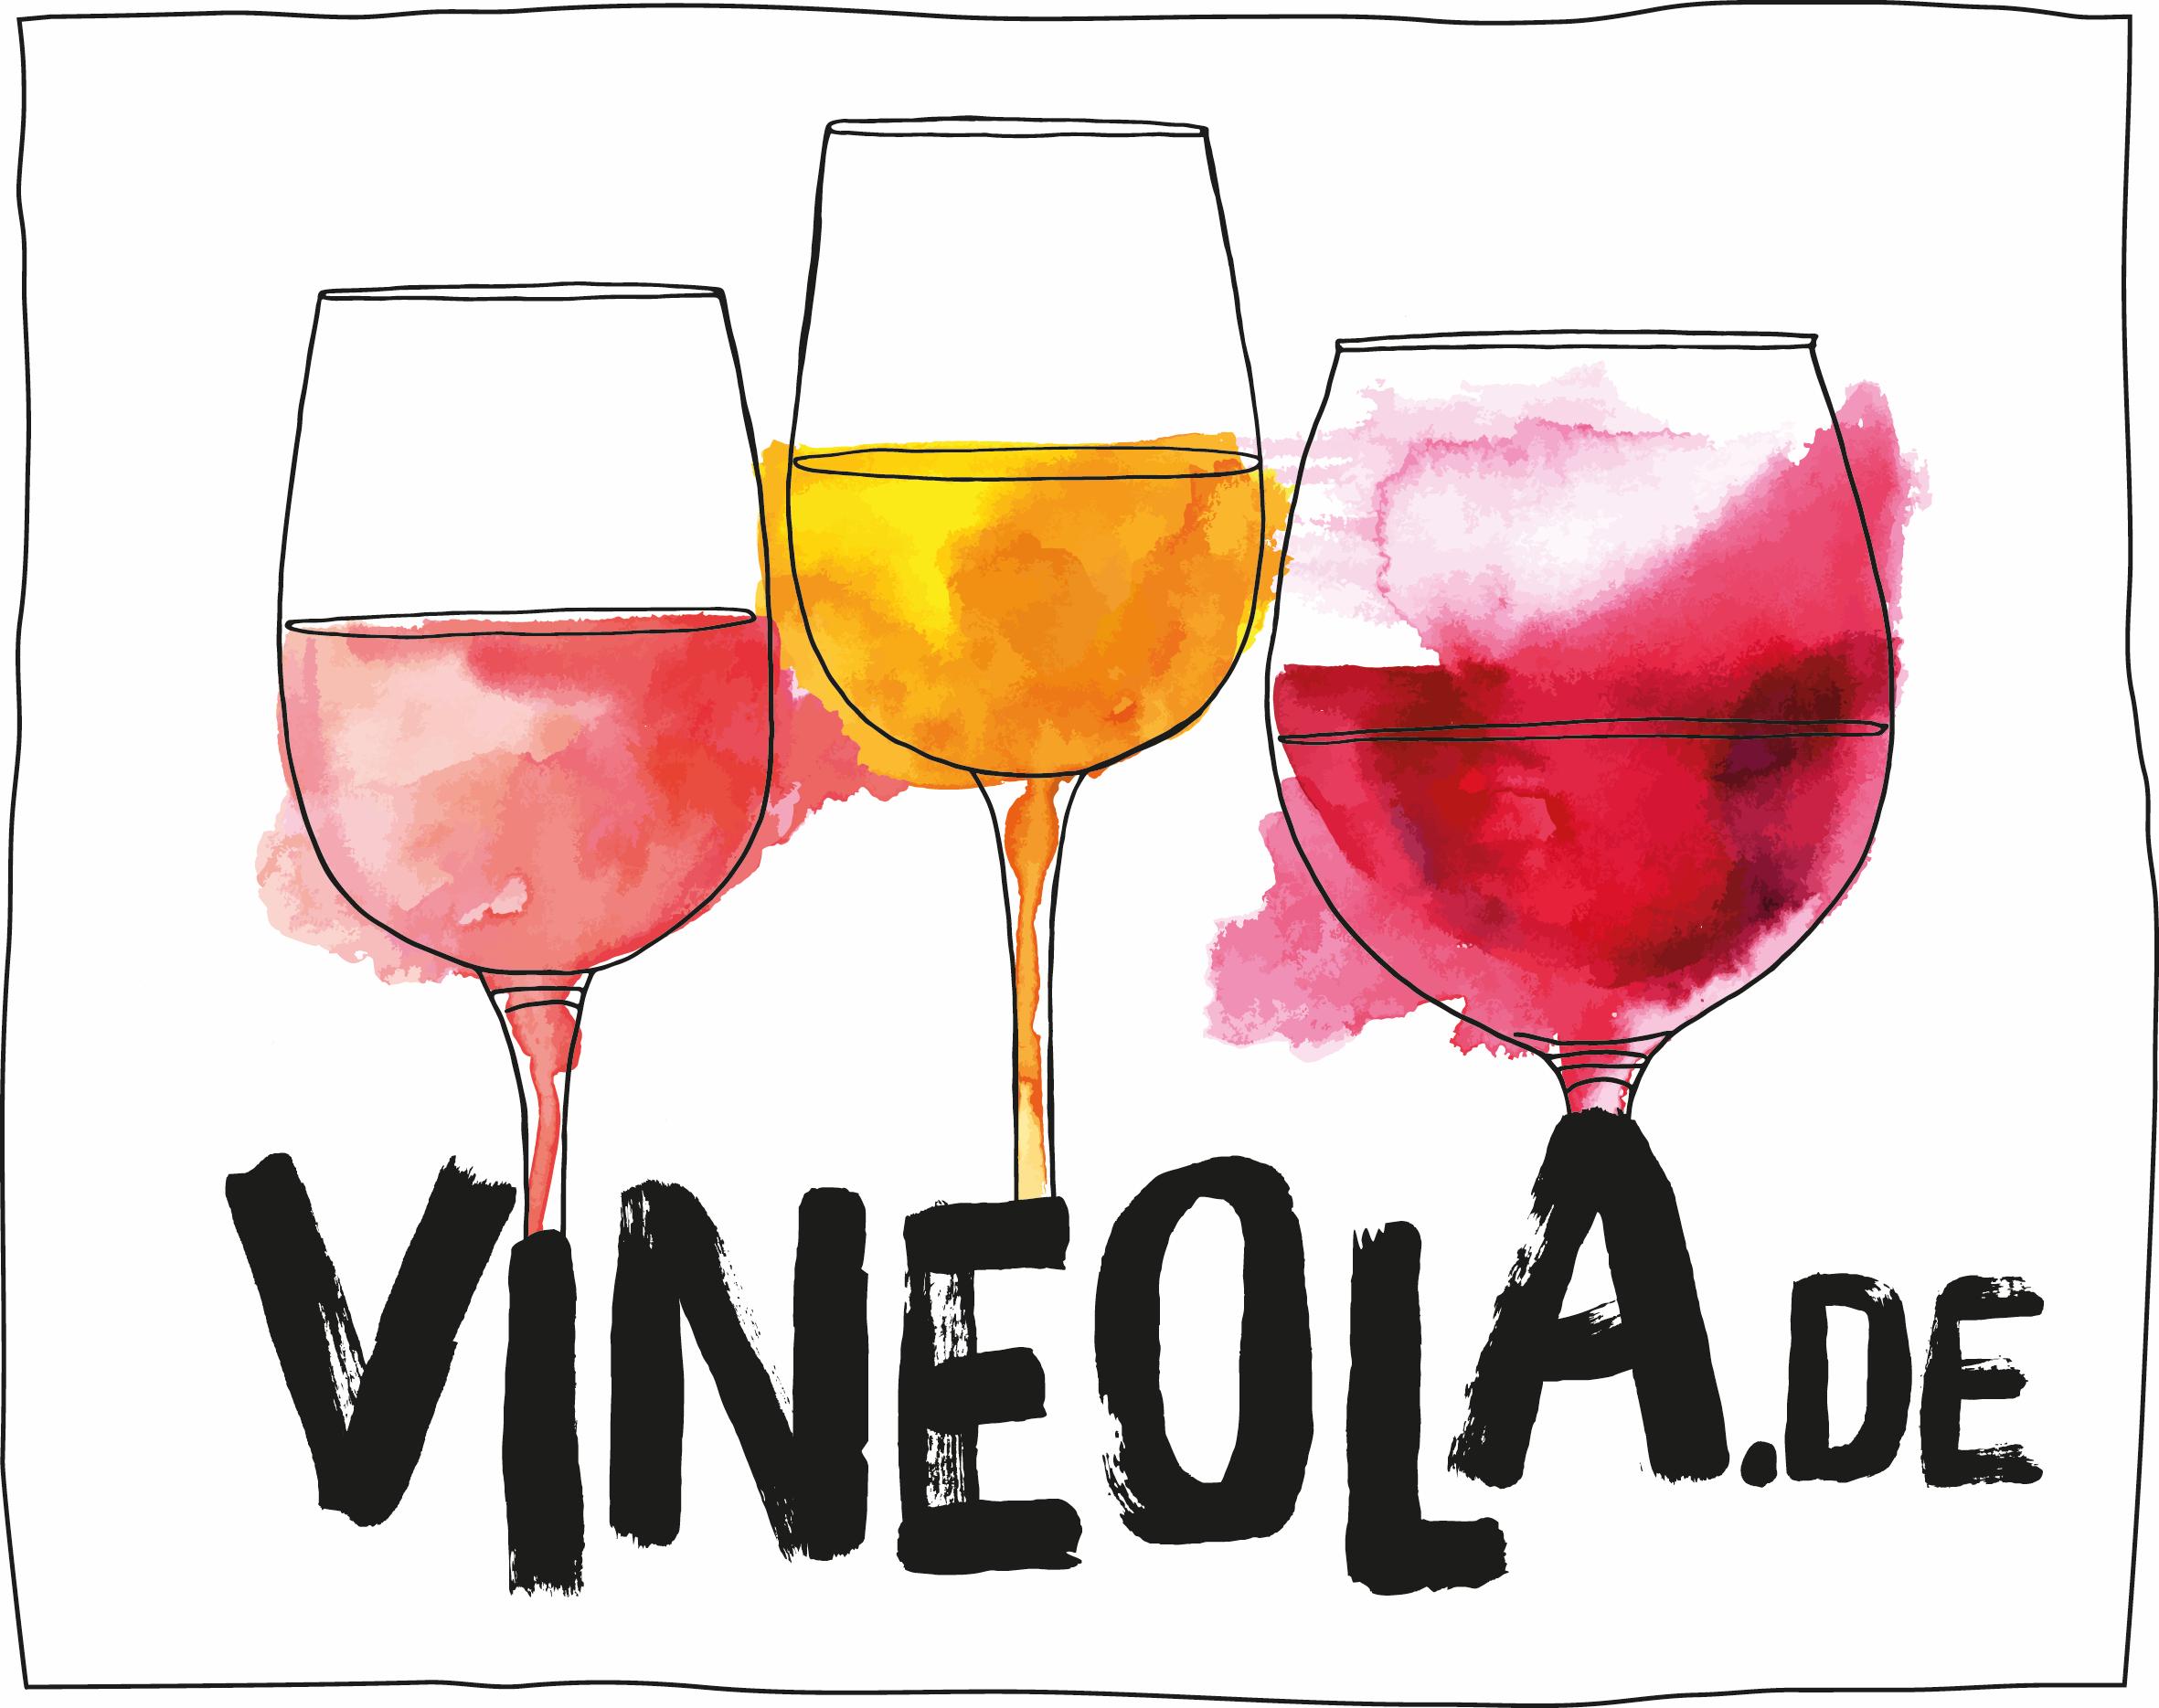 Vineola.de - Weine aus Italien / Bavarian House GmbH